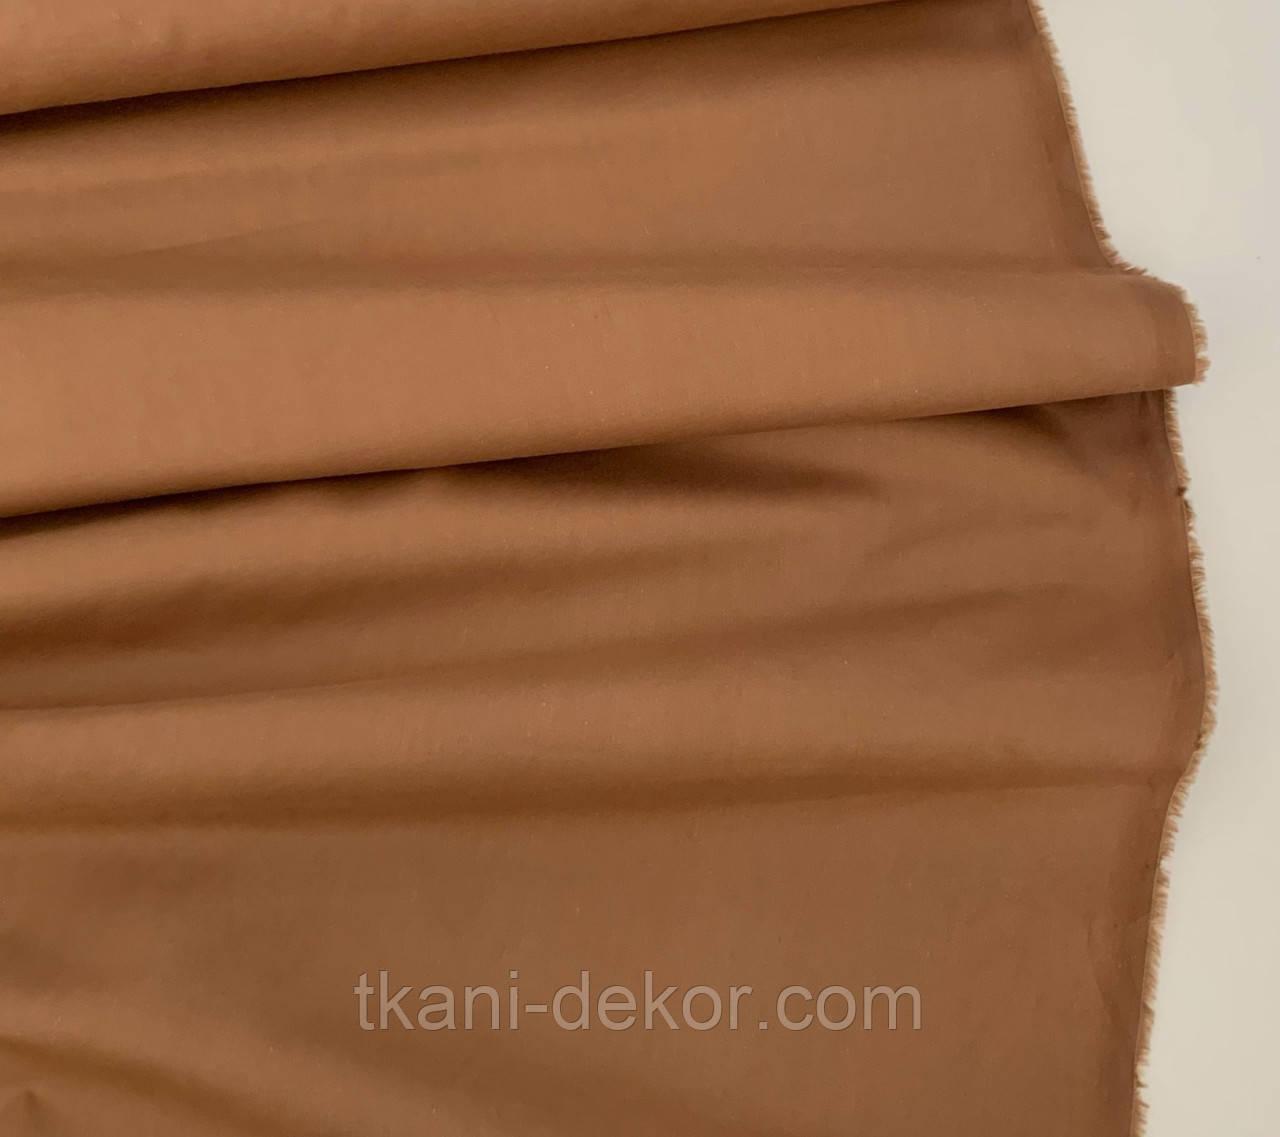 Сатин (бавовняна тканина) однотонний коричневий